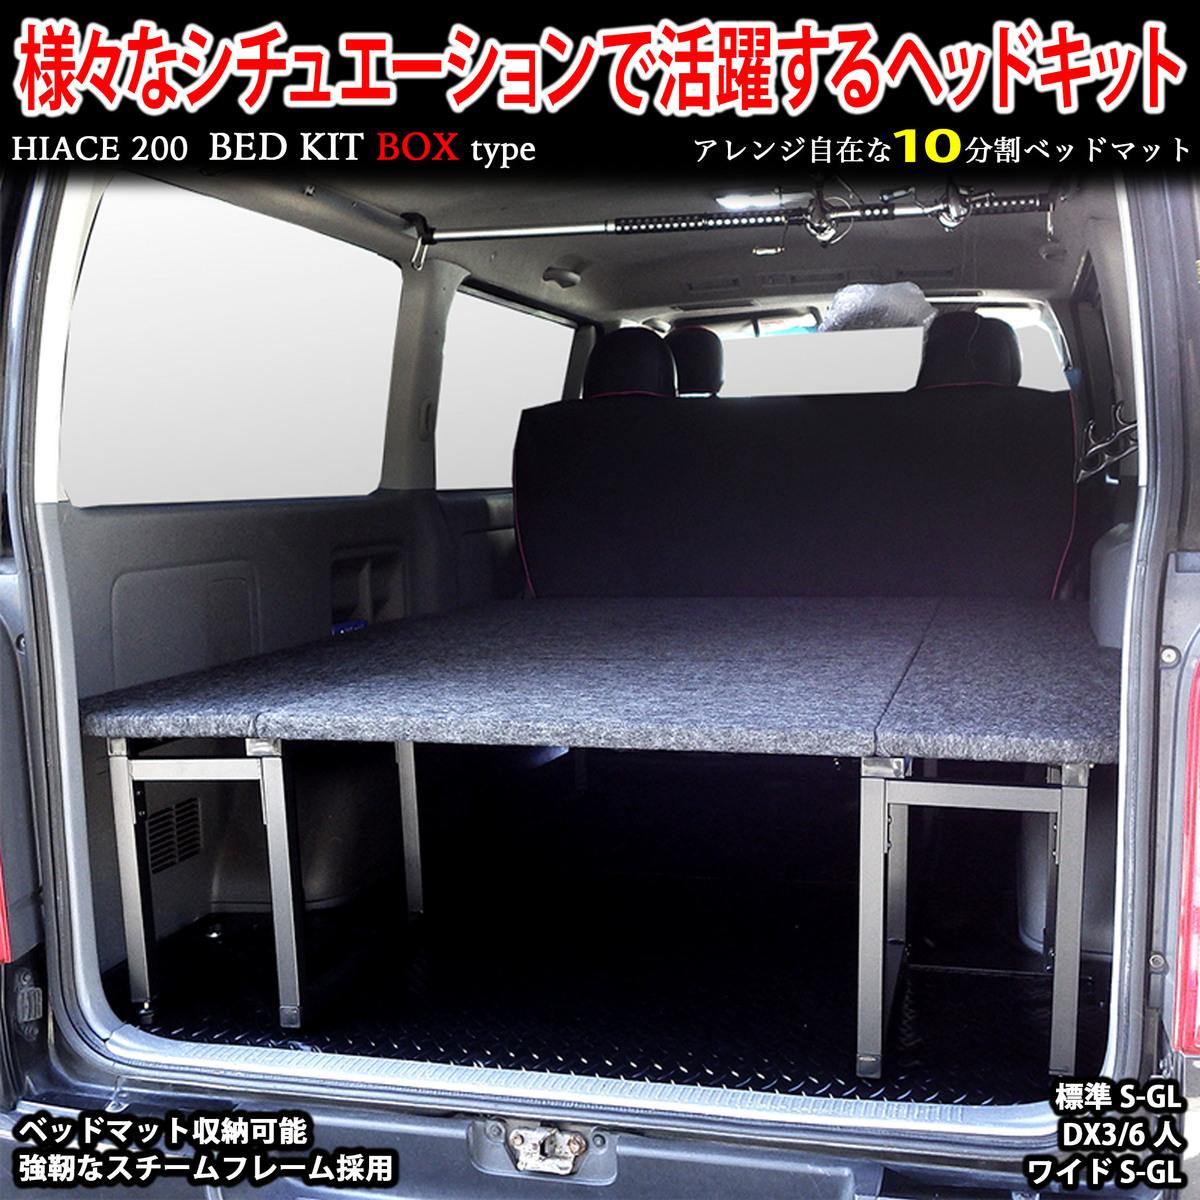 <title>DX3 6人 トランポ仕様 ハイエース ベッドキット 信頼 6人用 パンチカーペット #1</title>